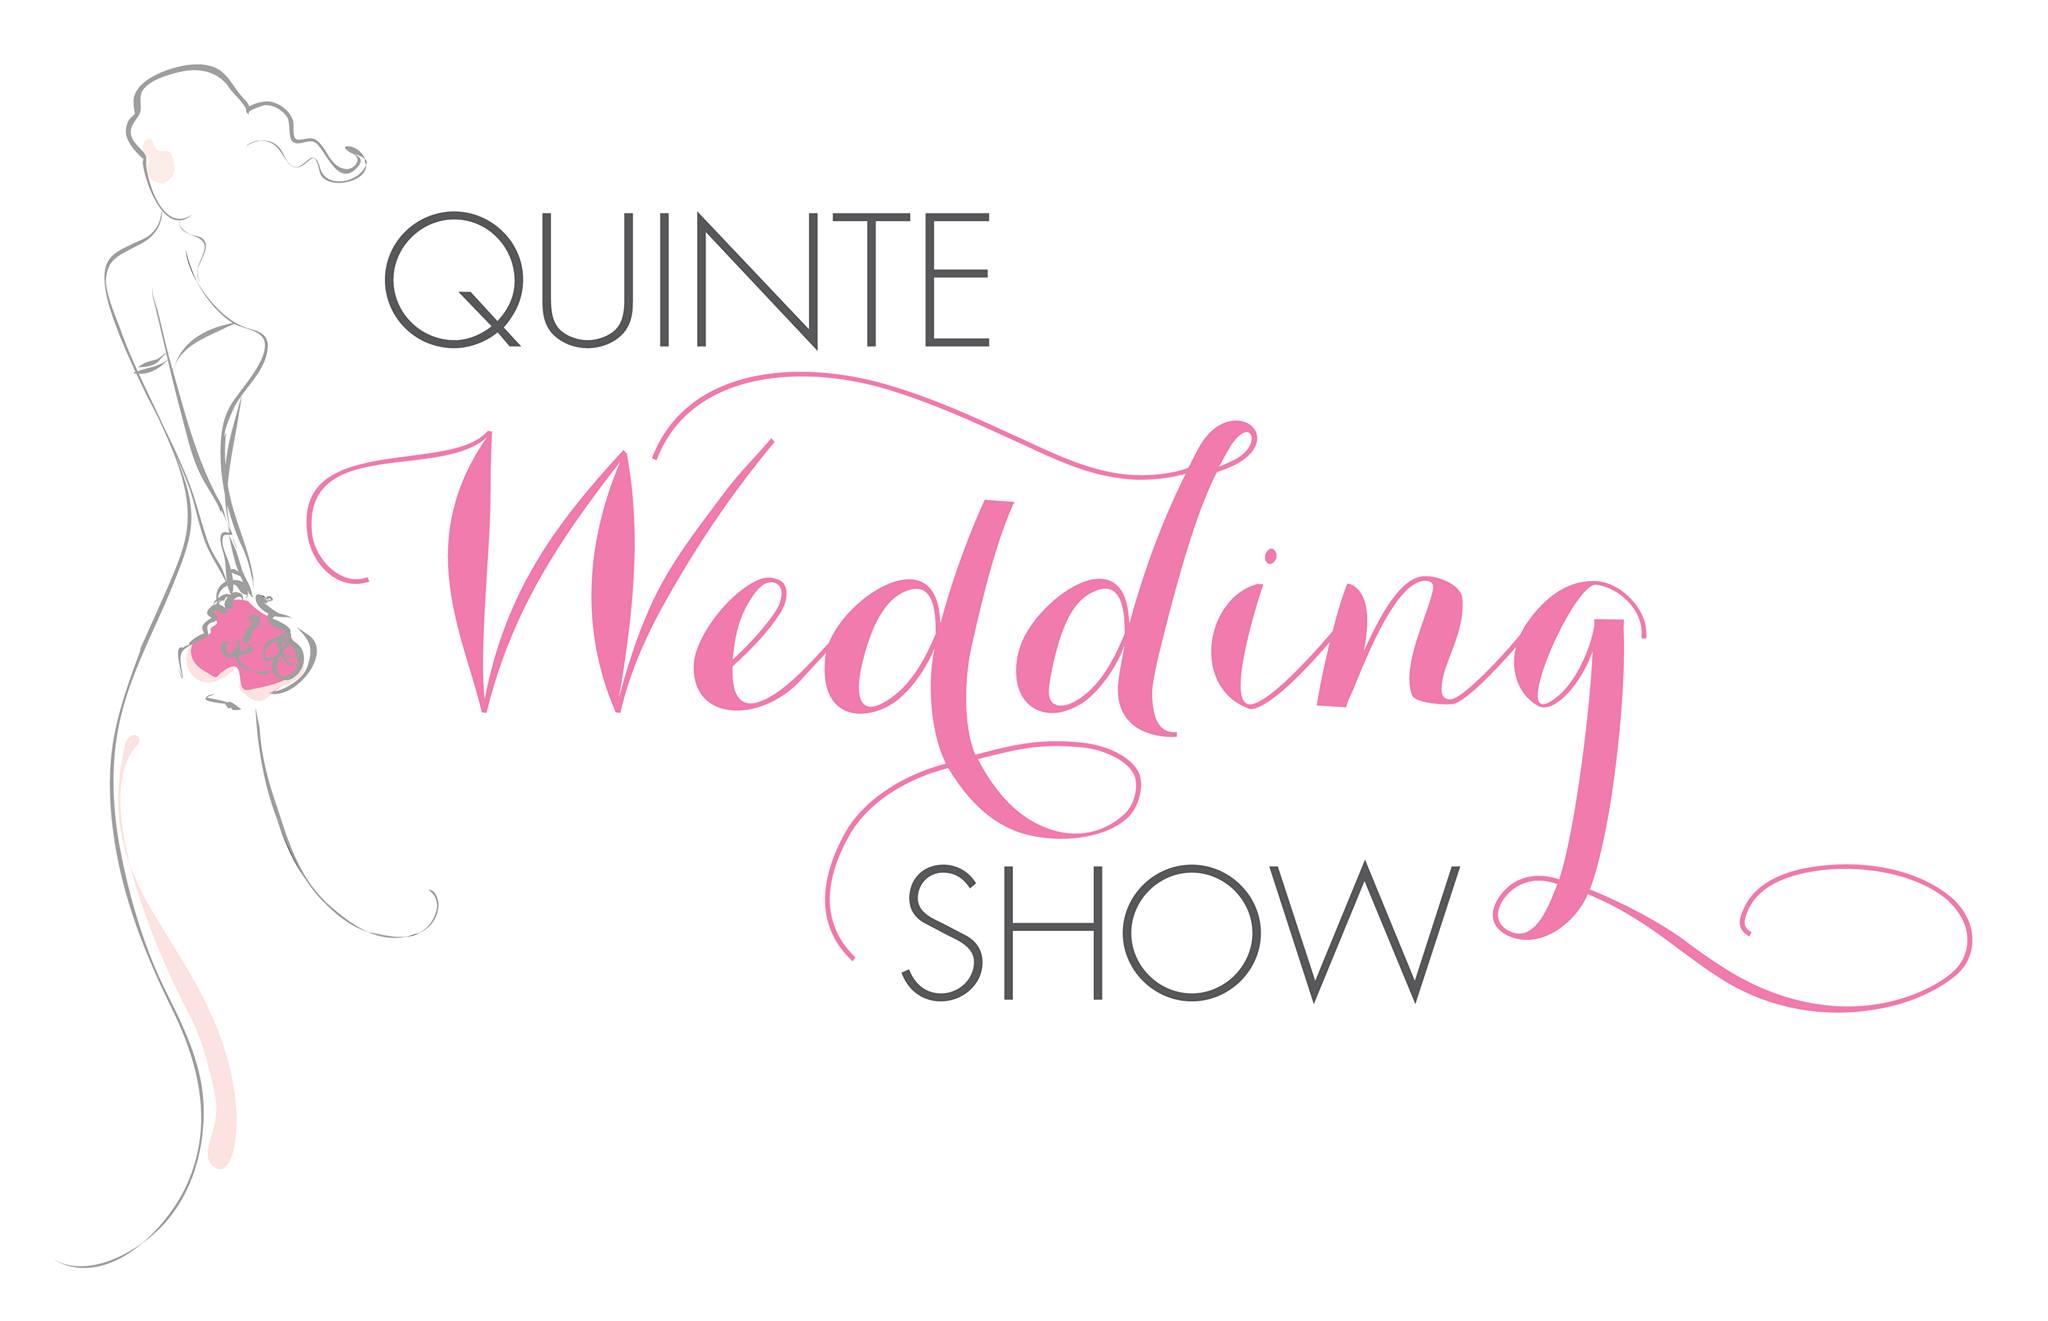 quinte wedding show